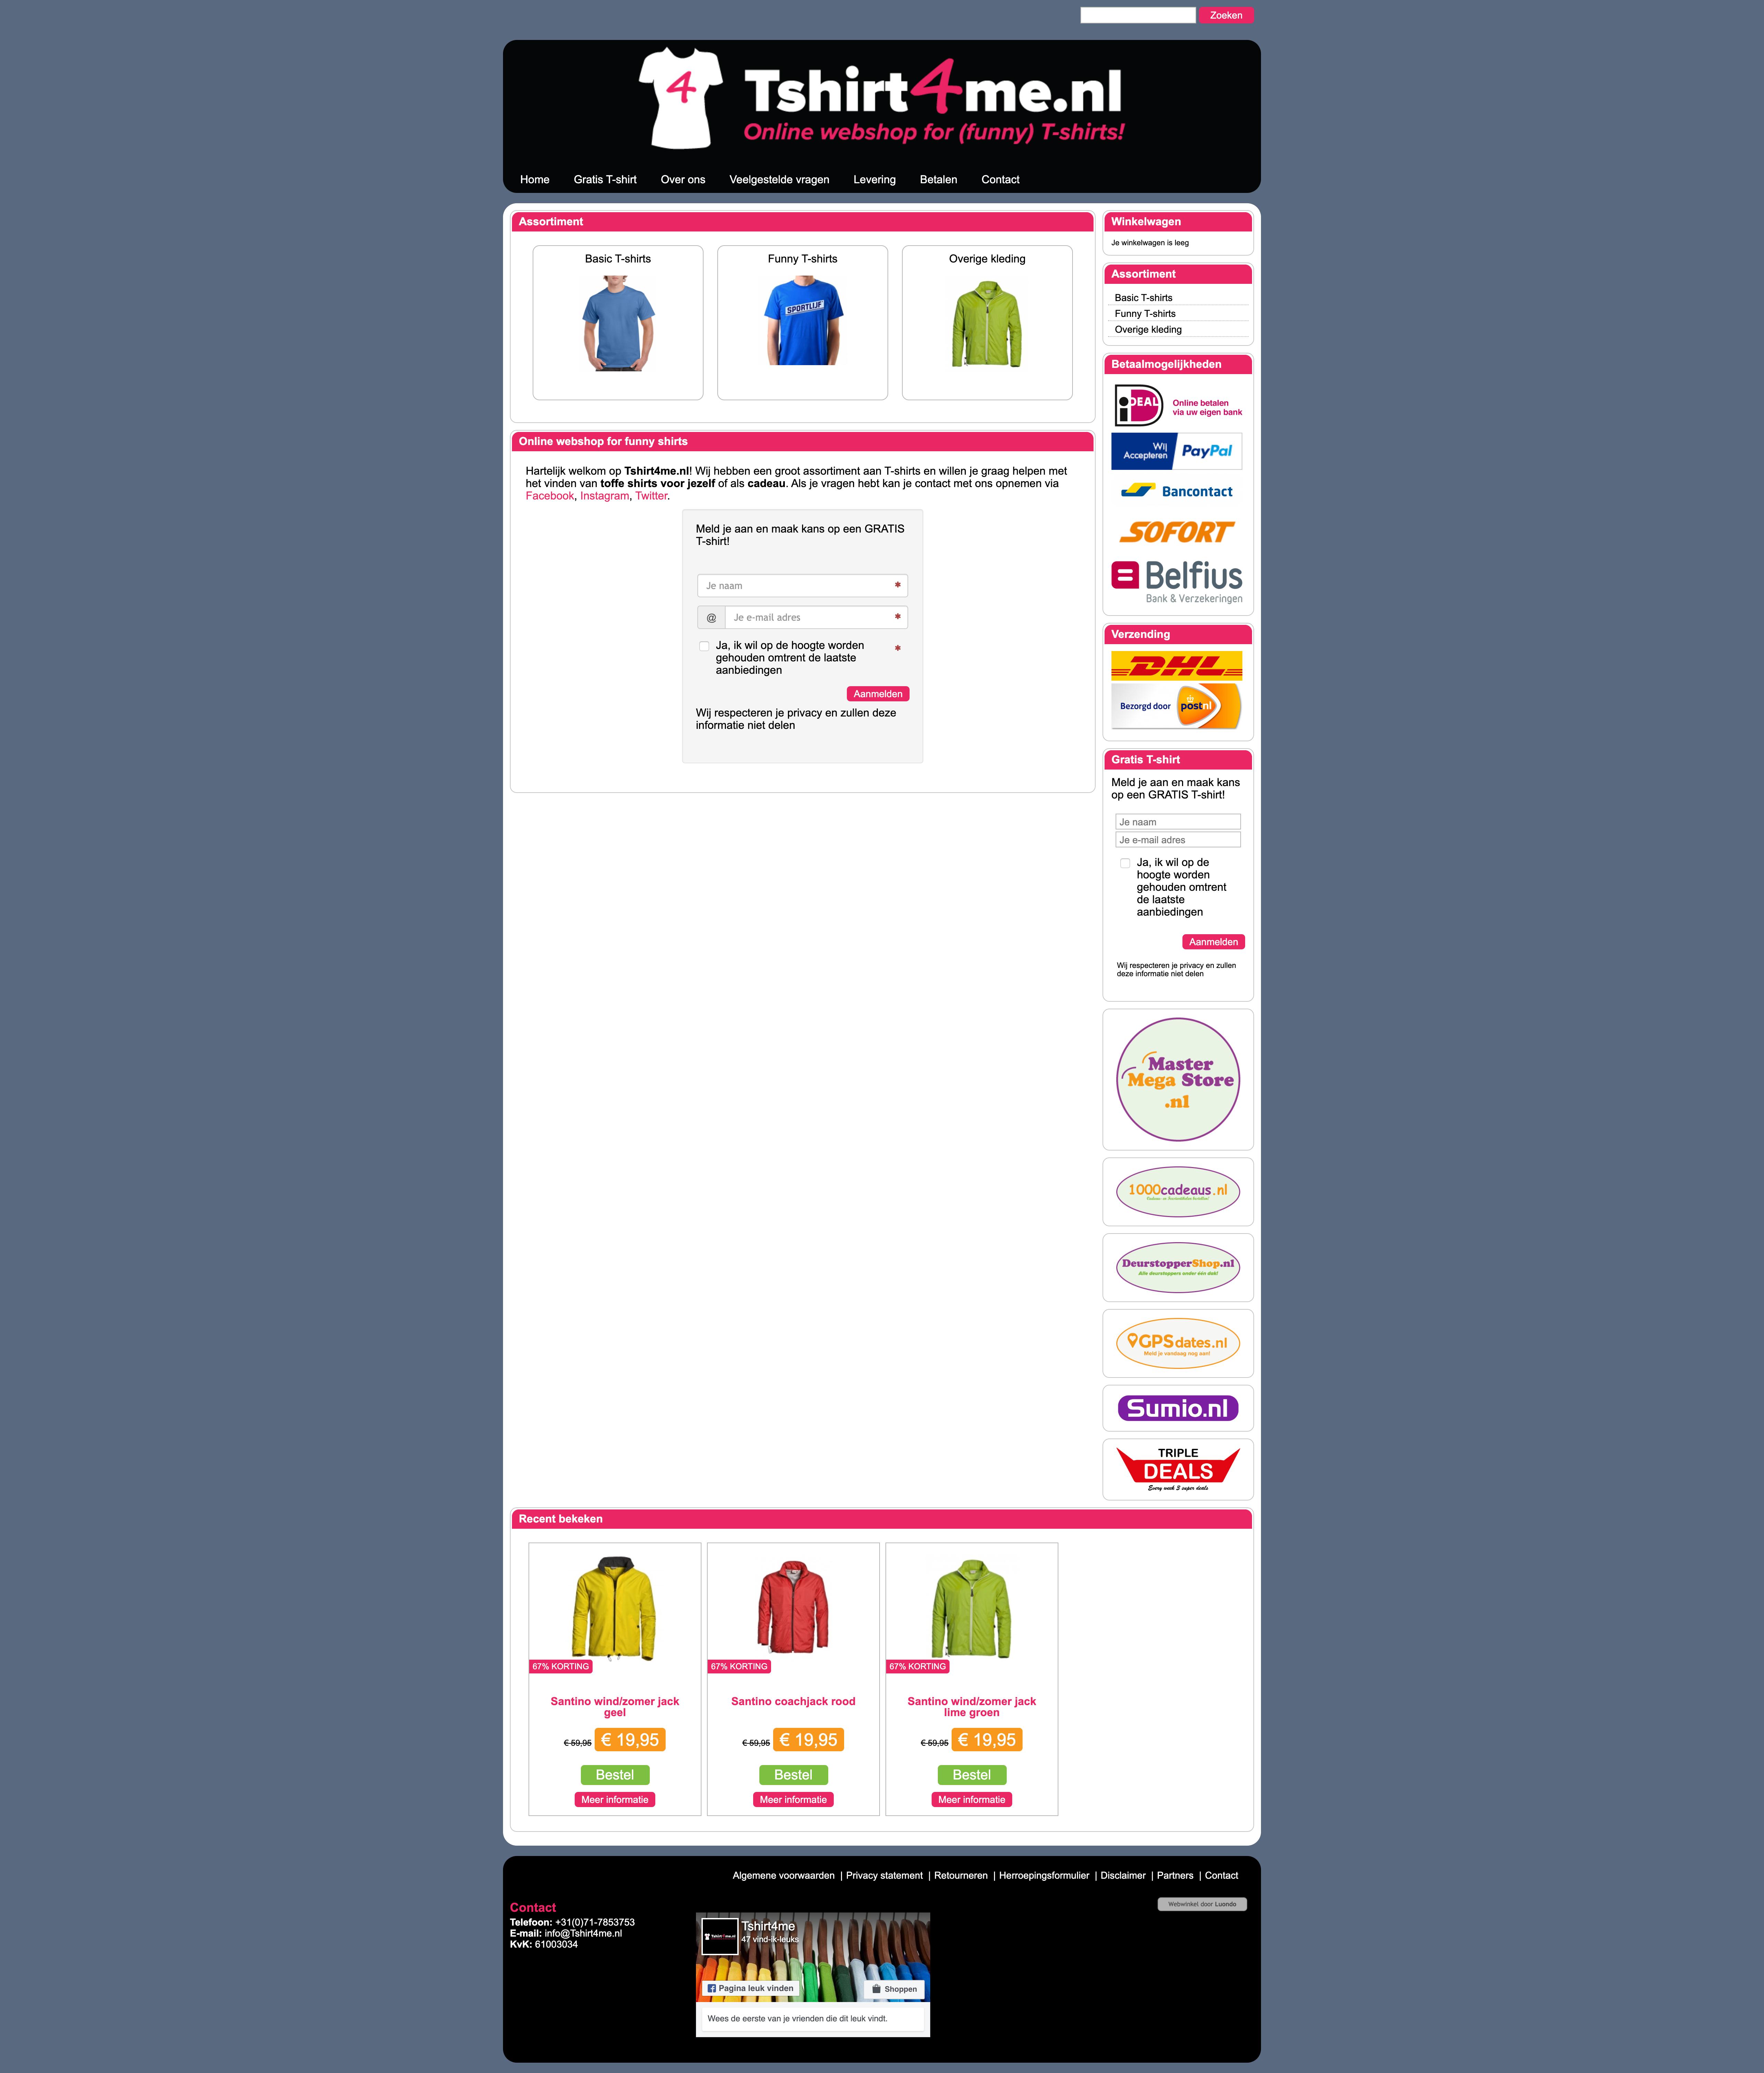 Schermafbeelding van de website van Tshirt4me